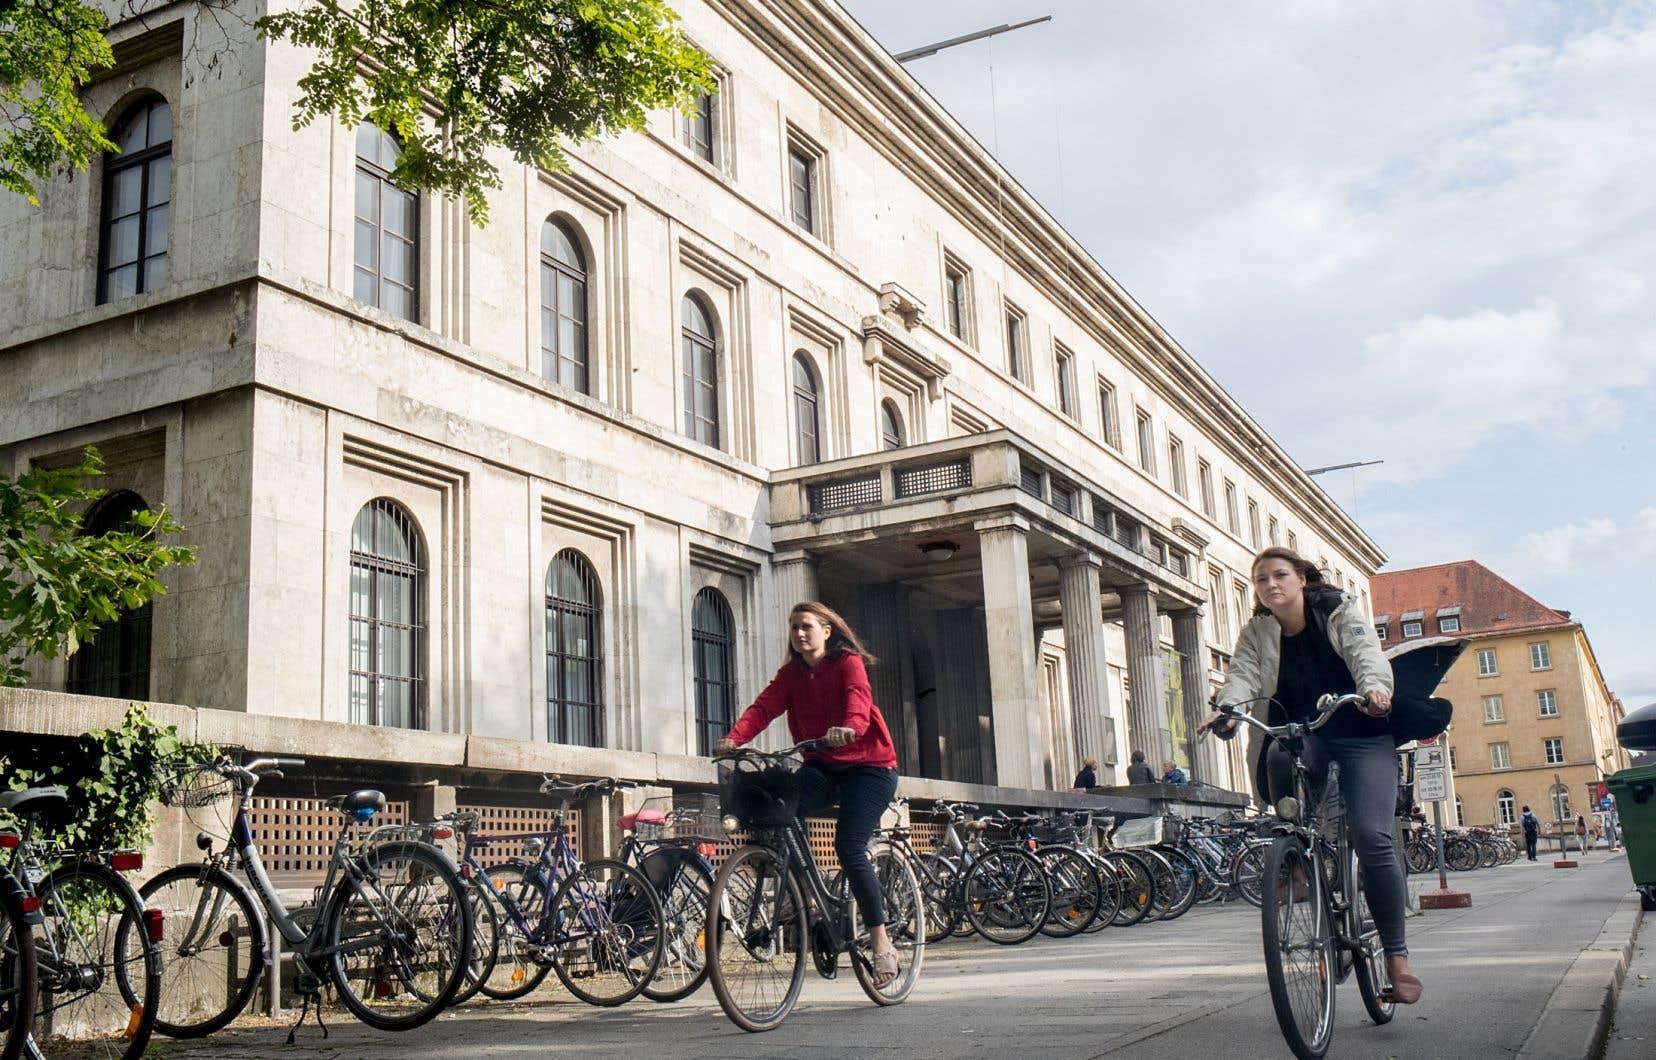 Les espaces pour vélos de Munich sont souvent aménagés à la hauteur des trottoirs et séparés des rues, en plus de permettre le virage à droite sans s'arrêter.